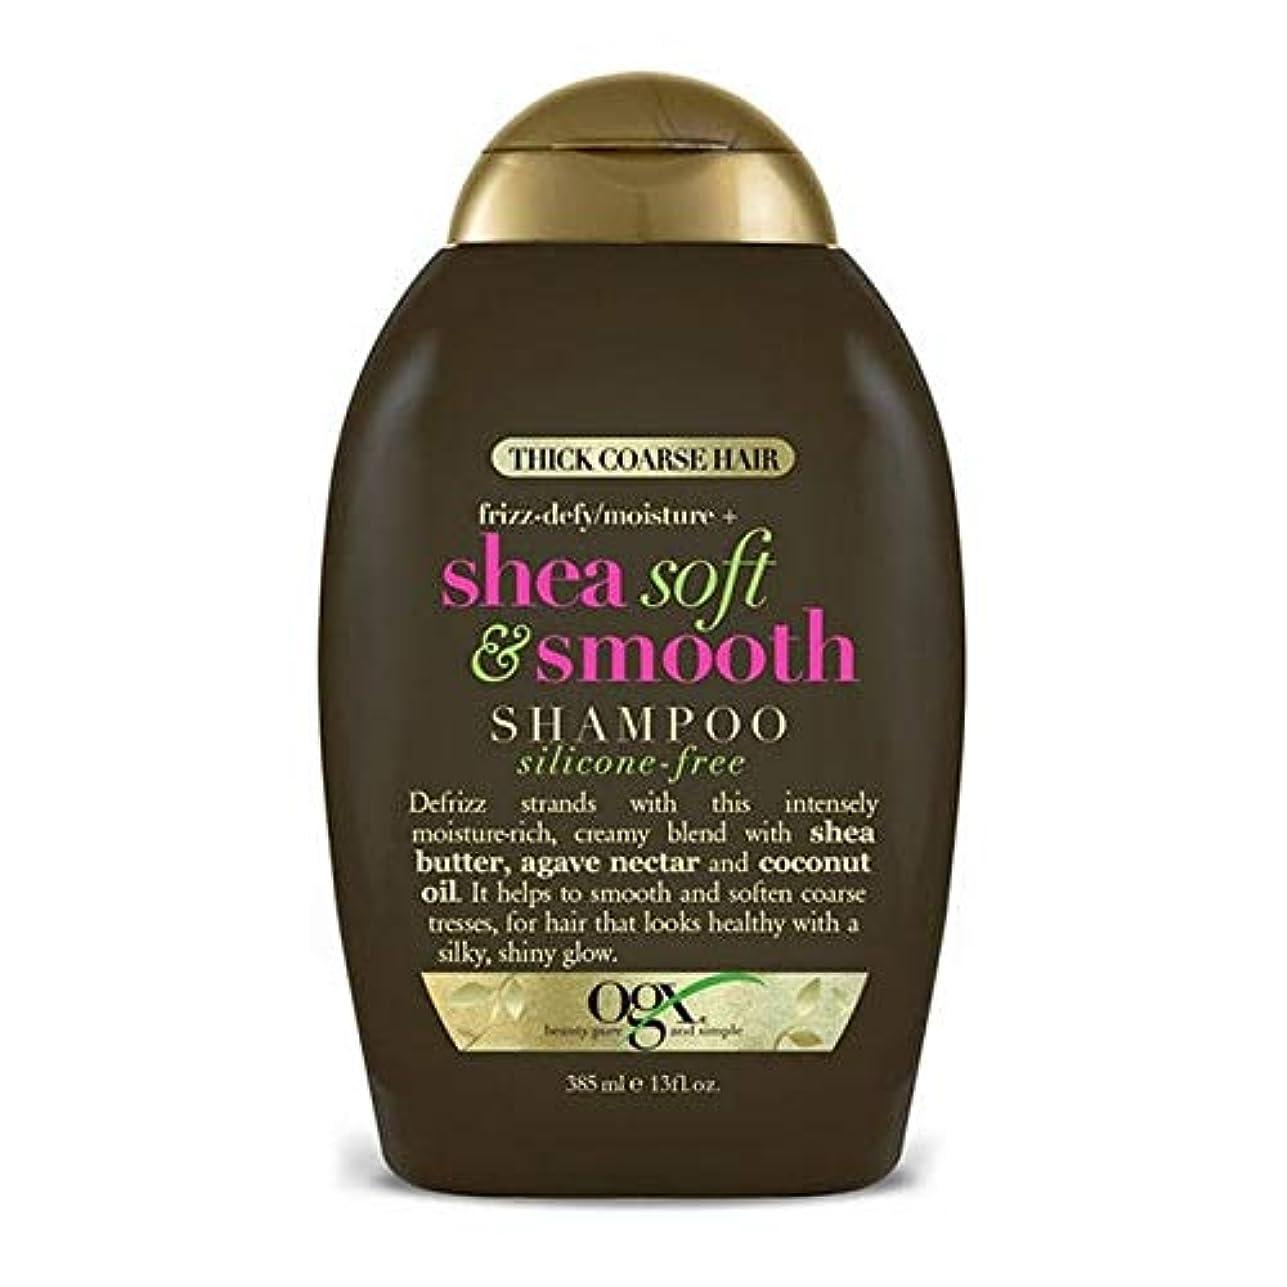 パットパラダイス王女[Ogx] Ogxシリコンフリーシアソフトで滑らかなシャンプー385ミリリットル - OGX Silicone-Free Shea Soft and Smooth Shampoo 385ml [並行輸入品]